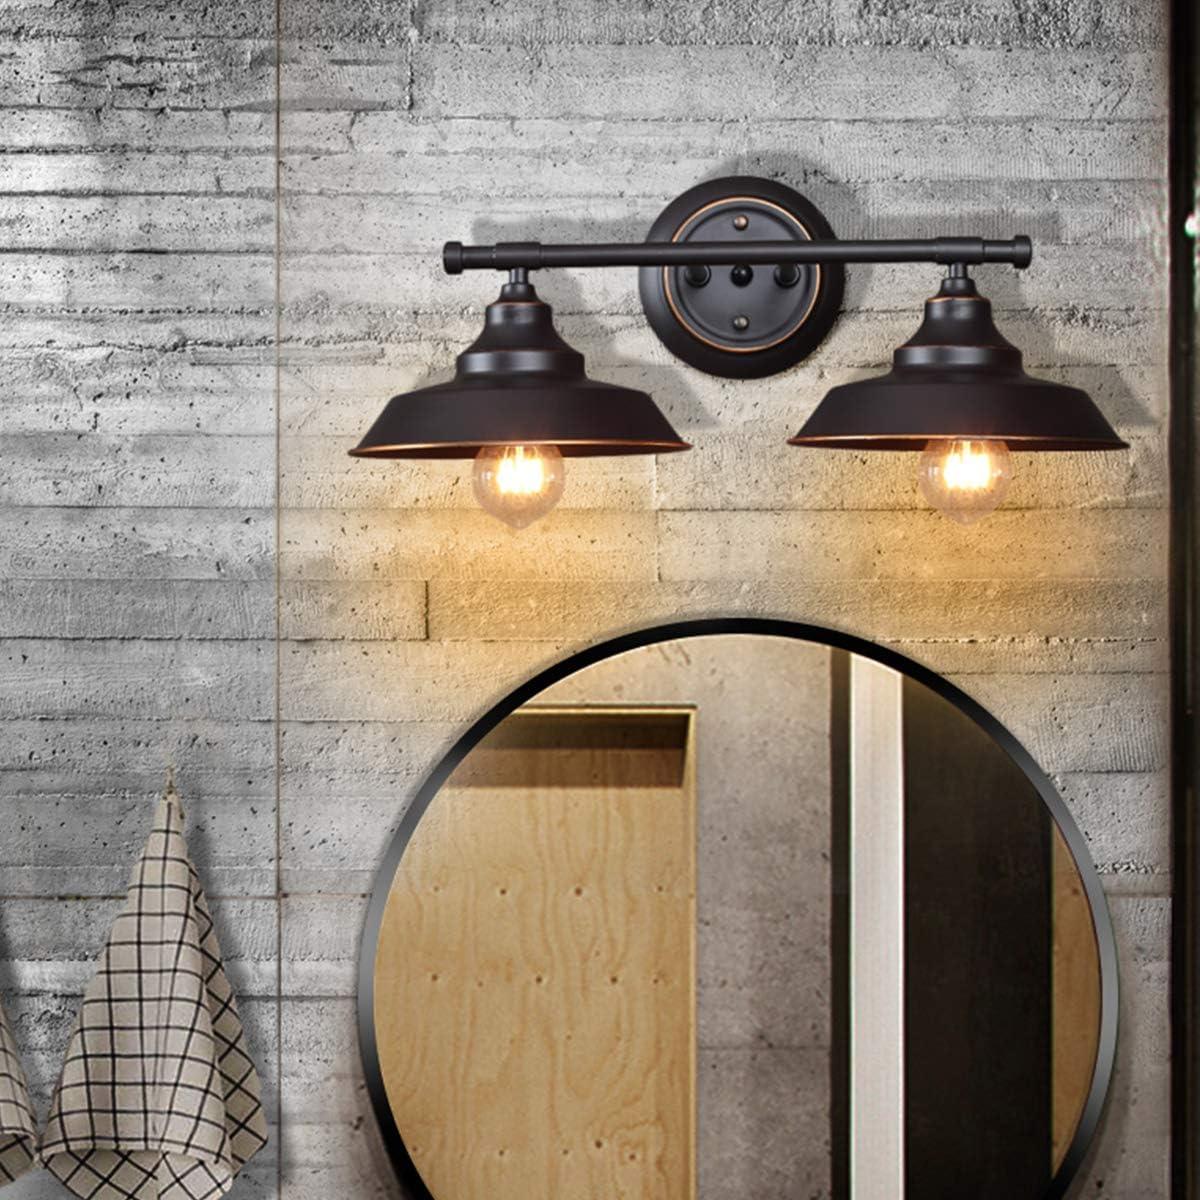 Vintage Badleuchte Badlampe Wand Klighten Spiegelleuchte Bad Spiegellampe 4 Flamming L/änge: 56cm//22zoll Ohne Leuchtmittel Schwarz Metall Wandlampe Wandleuchte E27 Bilderleuchte